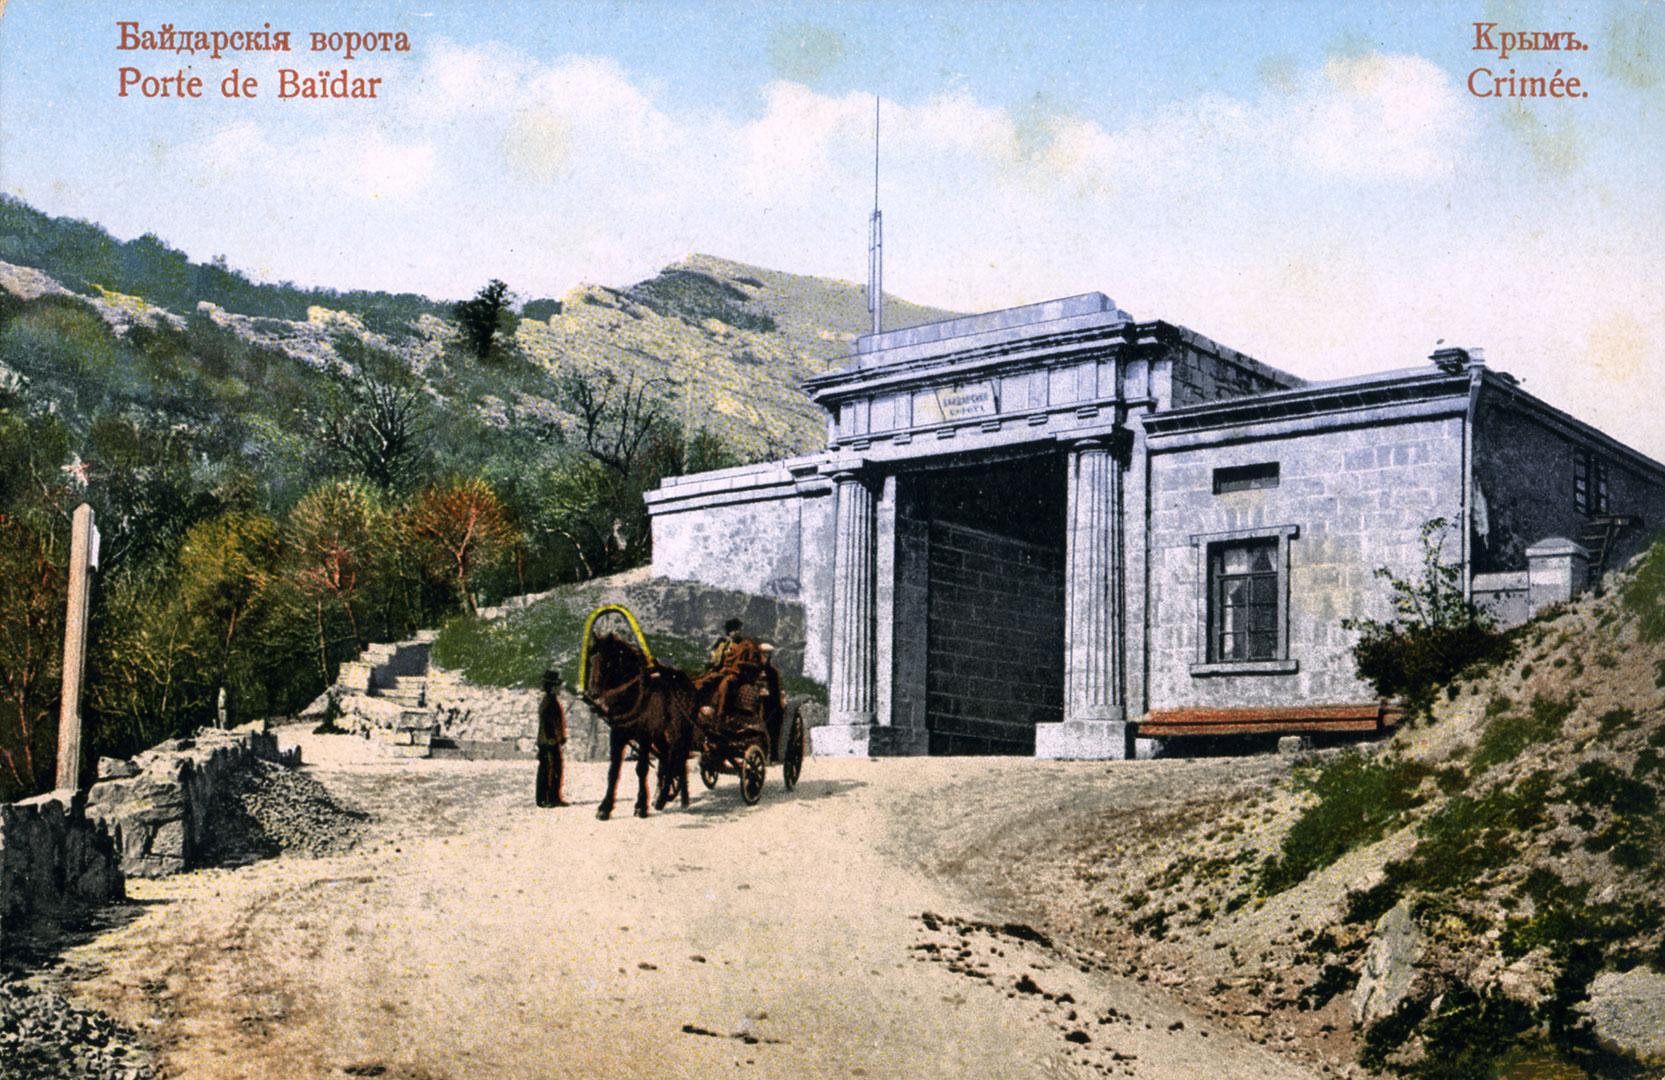 байдарские ворота в крыму фото